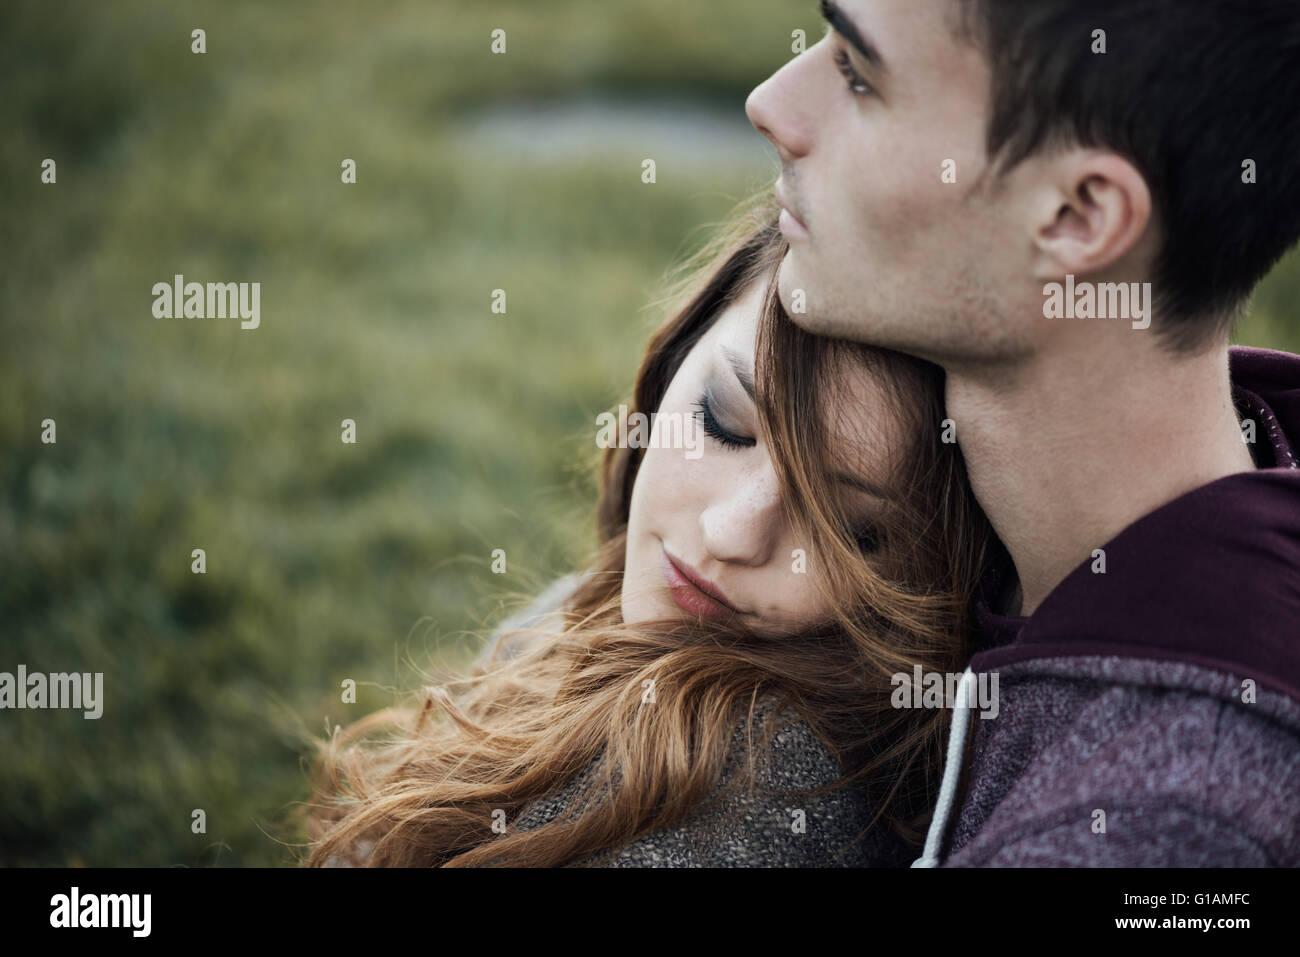 Giovani amare giovane rilassante sull'erba e abbracciando, lei è sempre sorridente e appoggiato sulla sua Immagini Stock